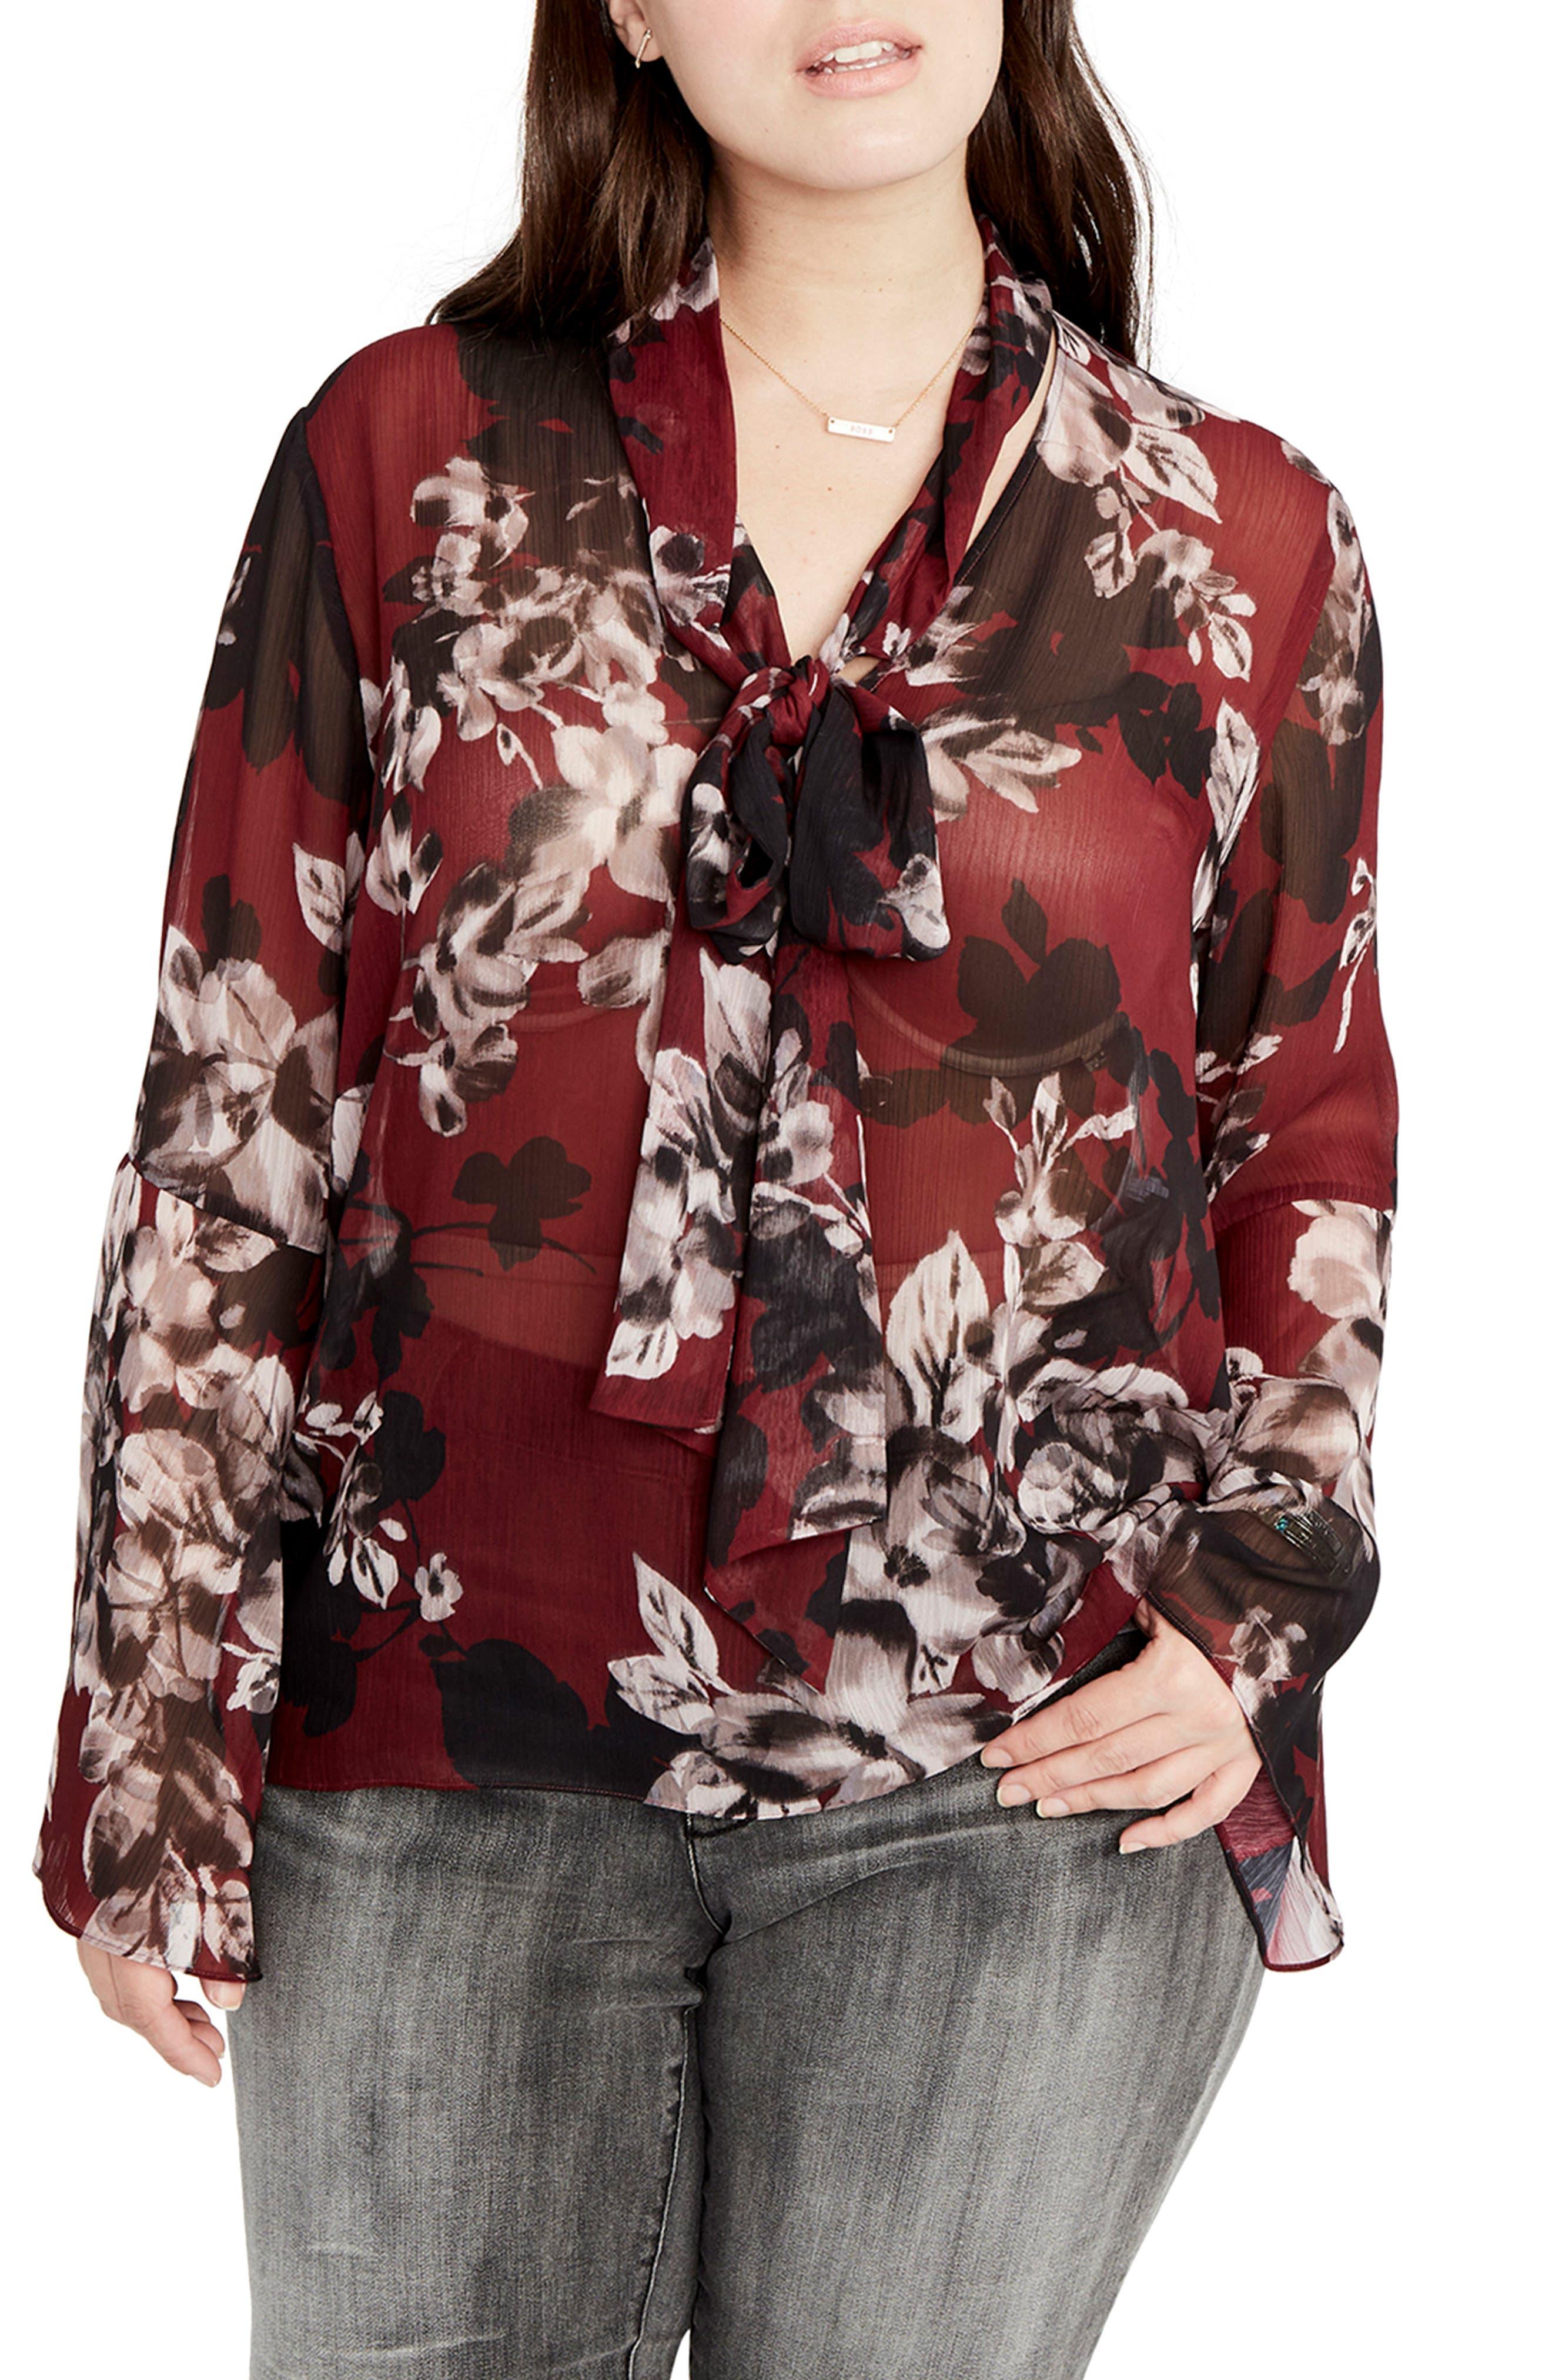 Alternate Image 1 Selected - RACHEL Rachel Roy Floral Tie Neck Blouse (Plus Size)